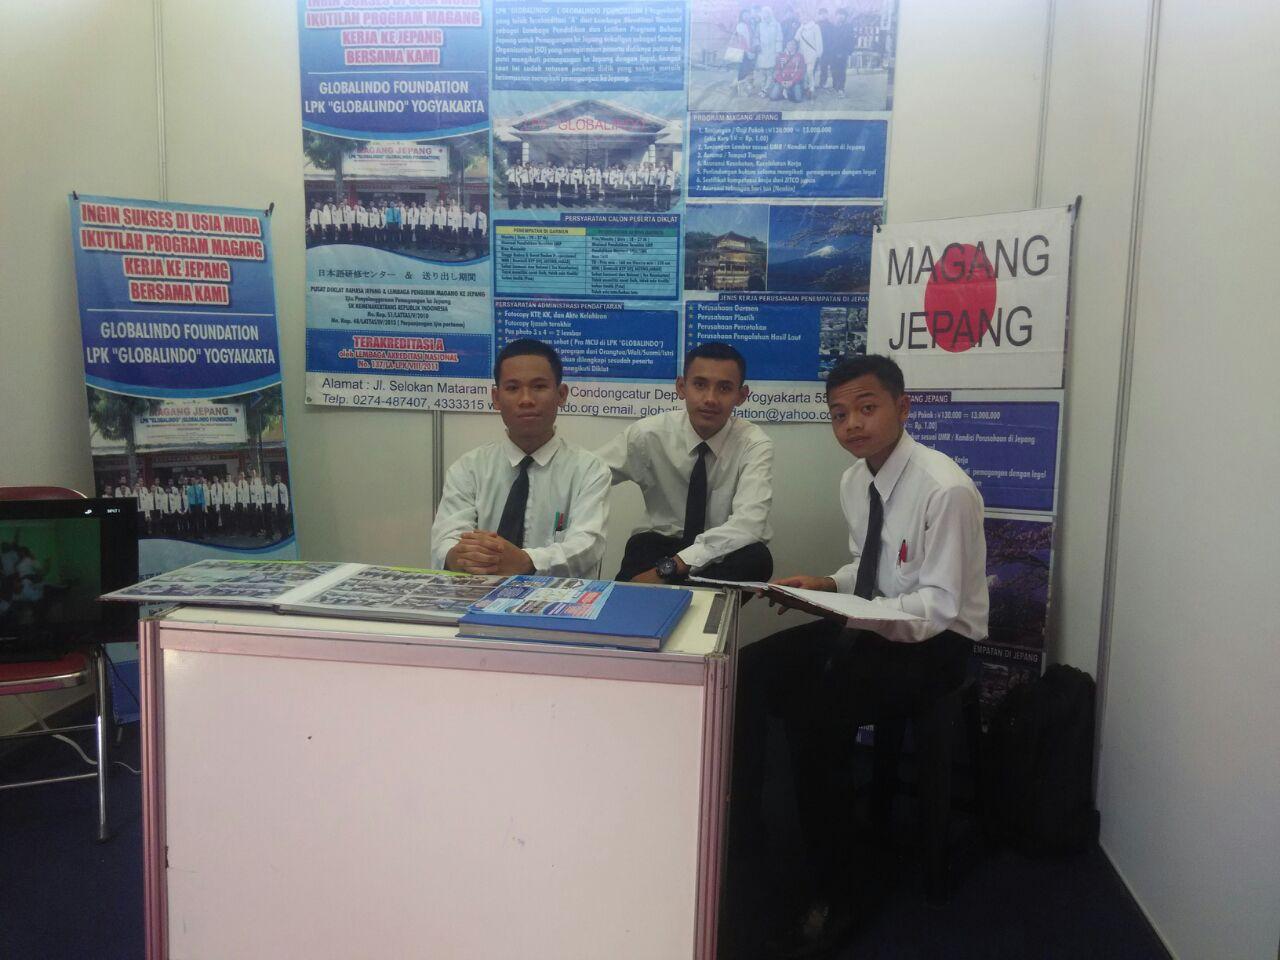 IMG-20161027-WA0005